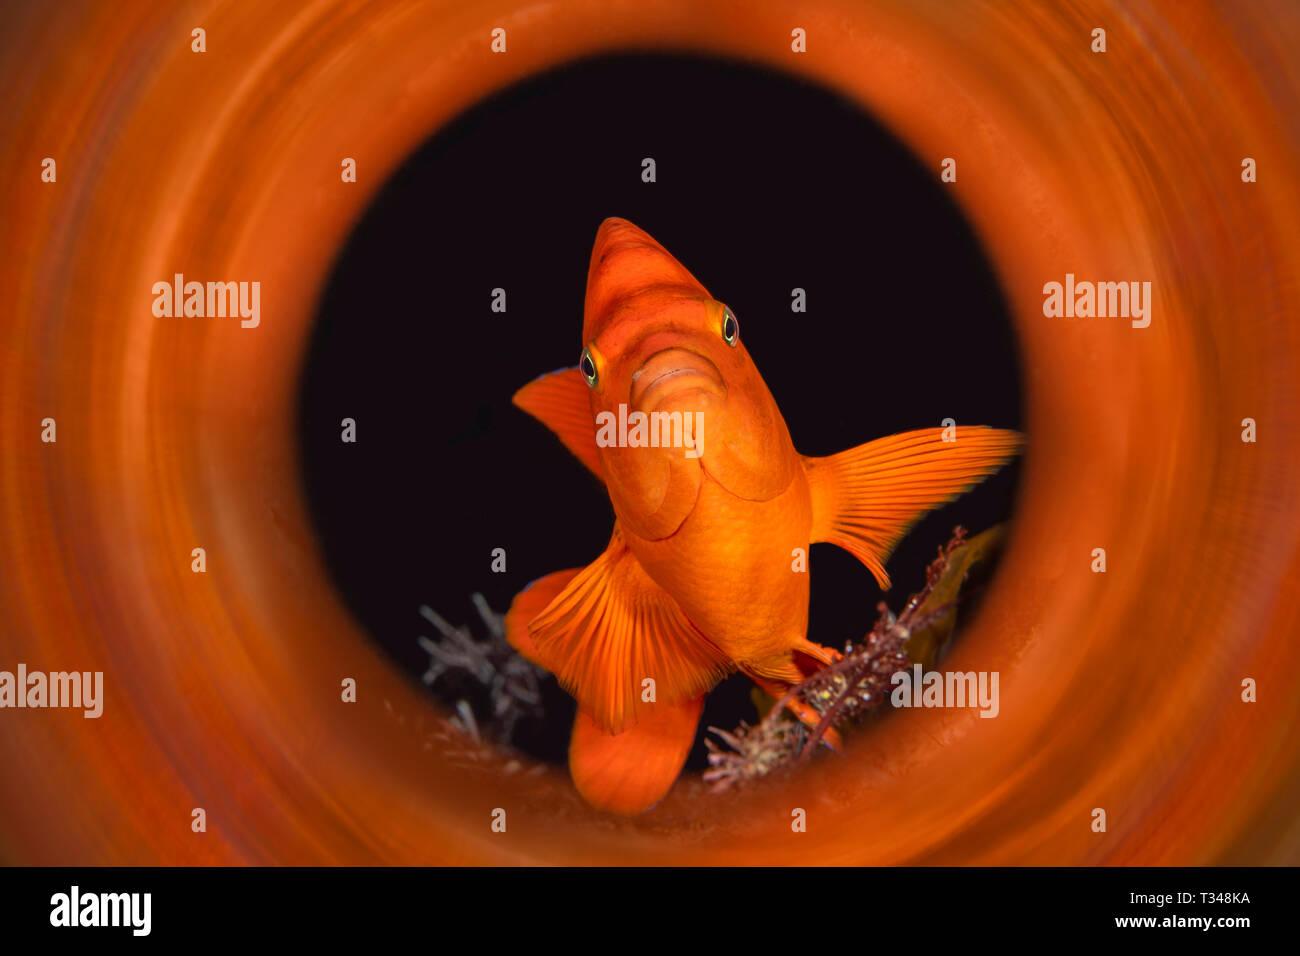 Garibaldi orange brillant tourné en avec un tube magique pour capturer les reflets de la couleur des animaux dès la sortie de l'appareil photo. Banque D'Images